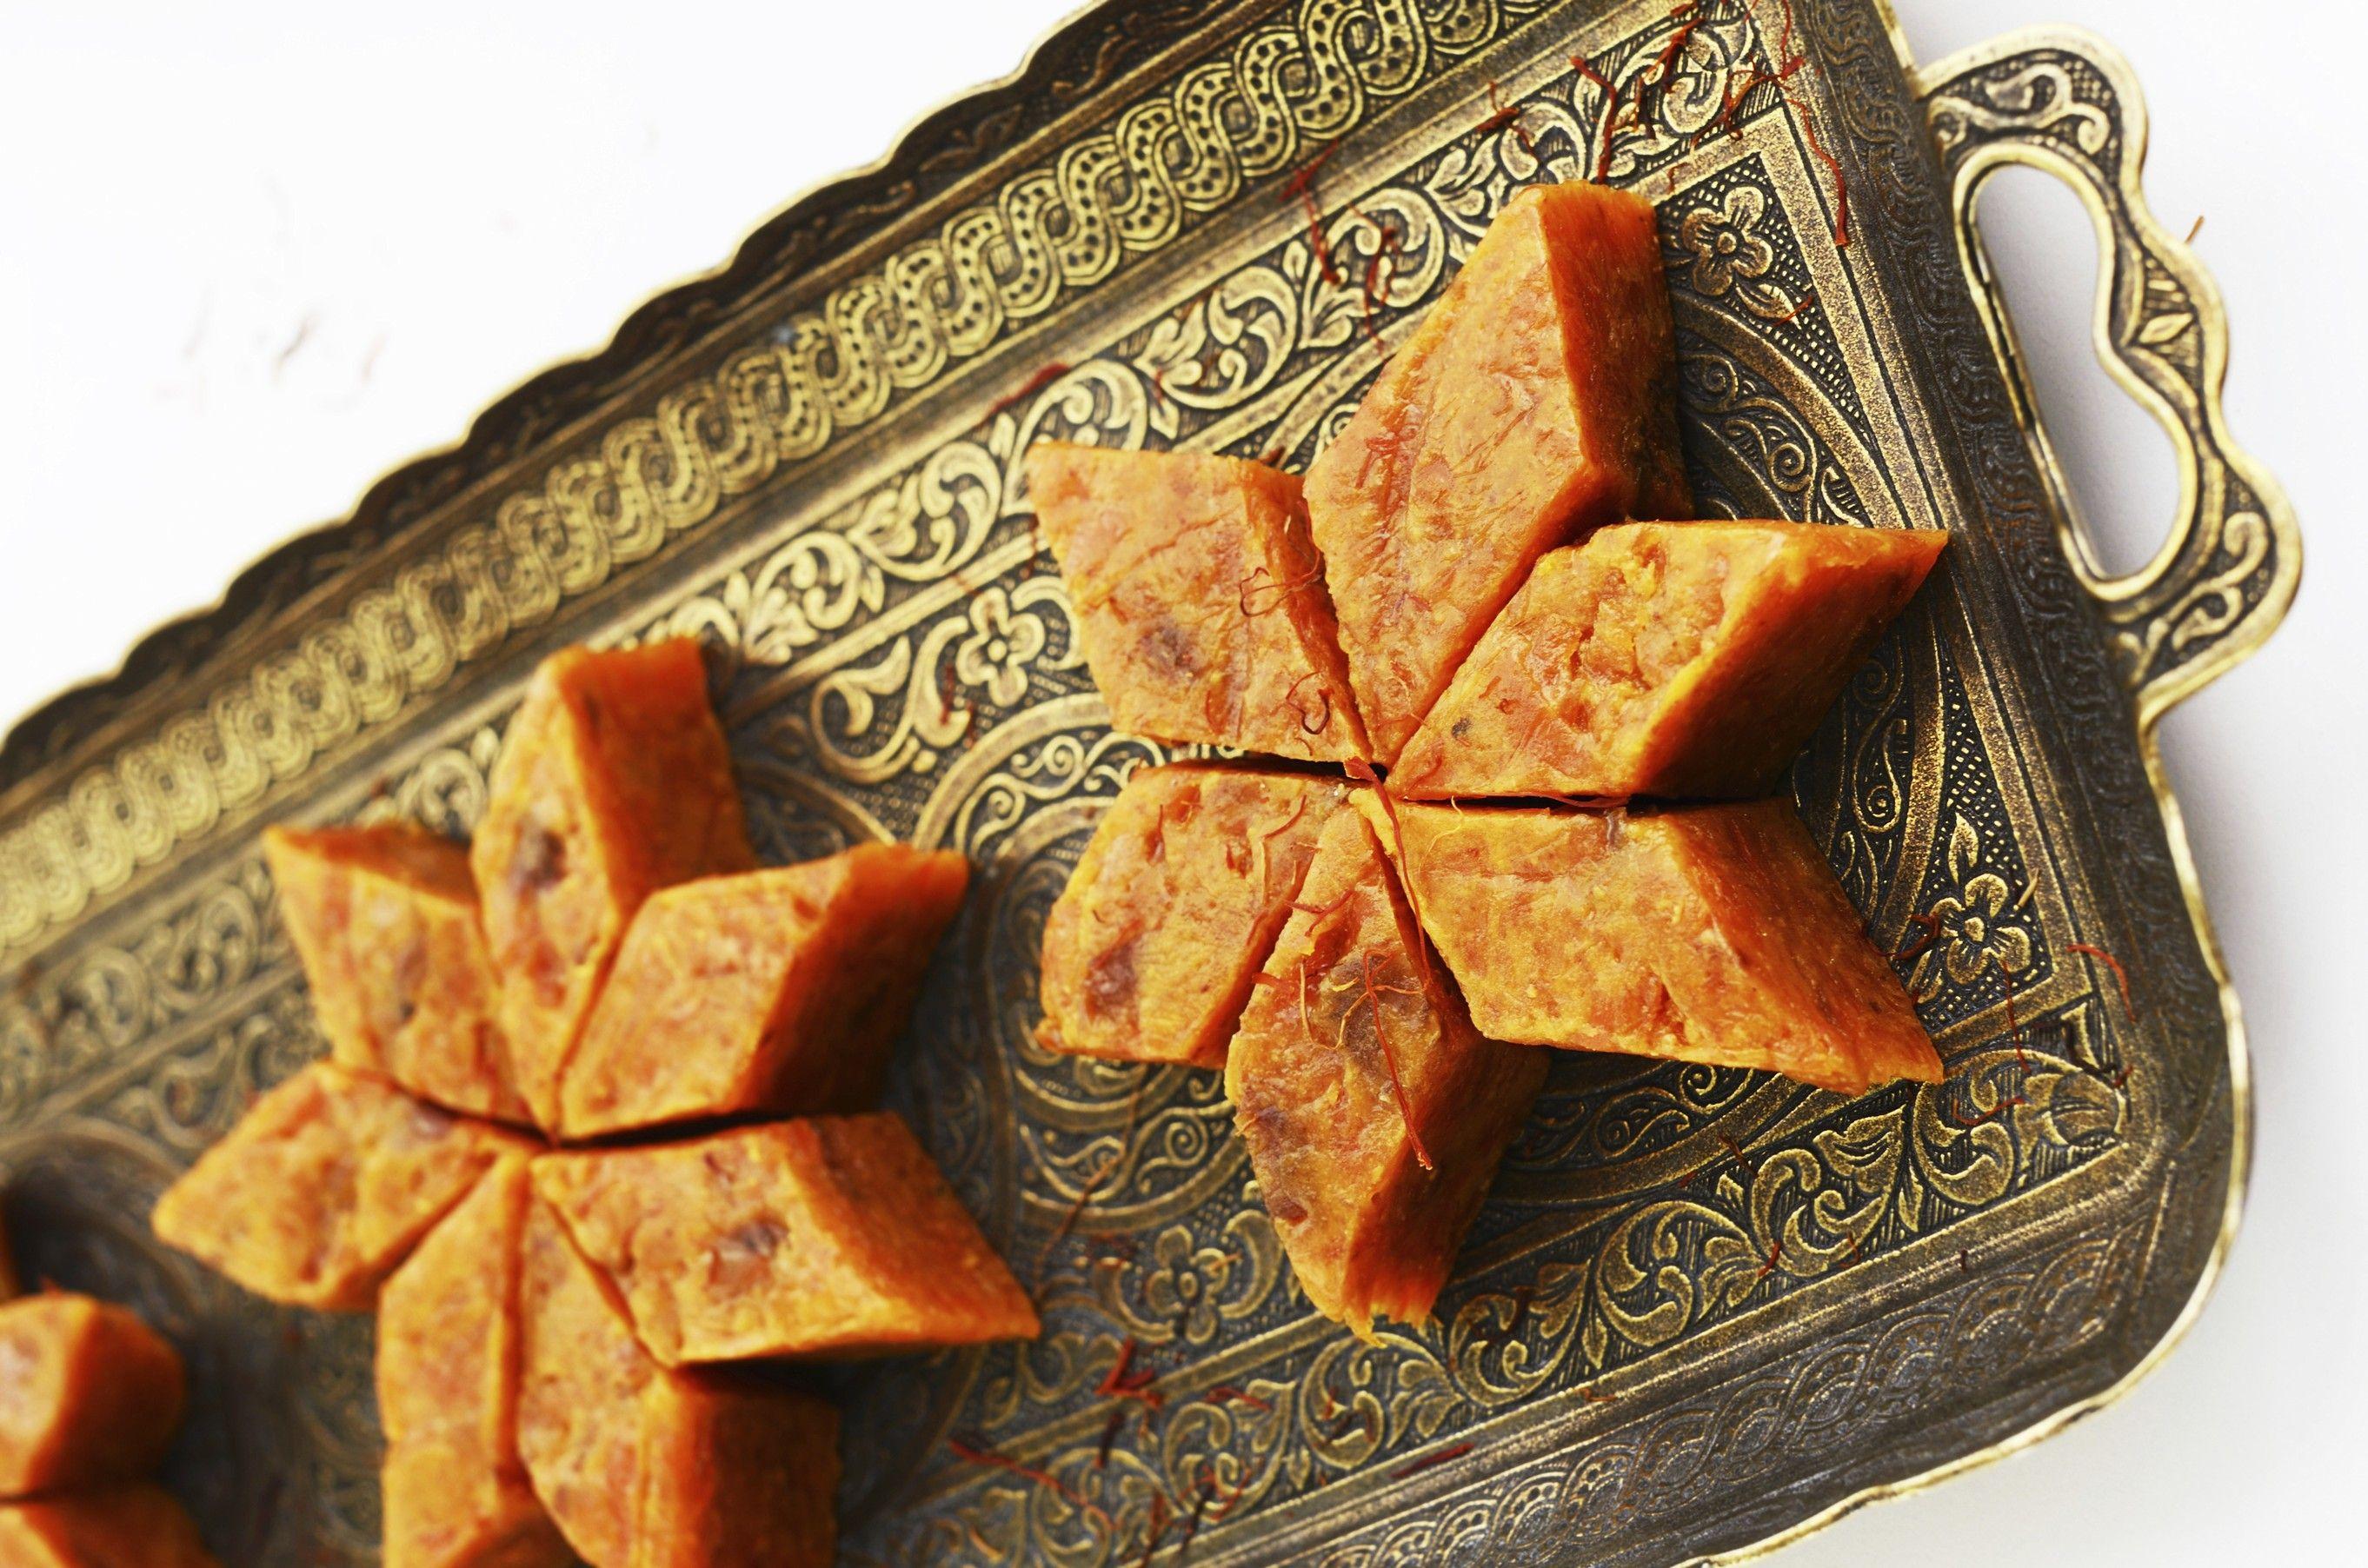 orientalische s speise halva selber machen kuchen pinterest desserts food und deserts. Black Bedroom Furniture Sets. Home Design Ideas